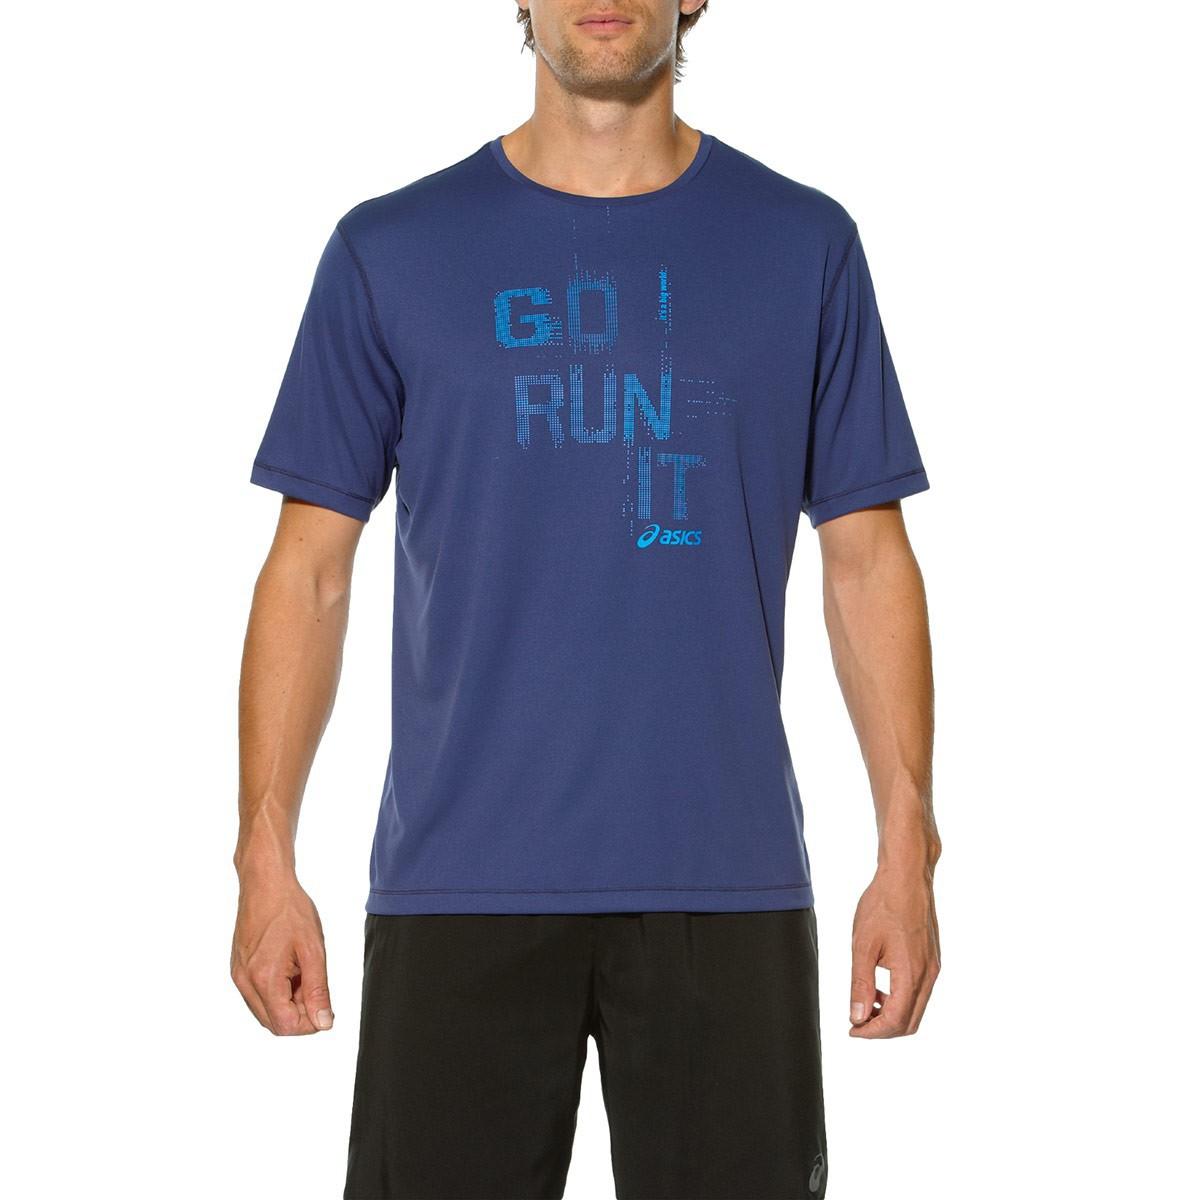 Мужская спортивная футболка Asics Short Sleeve Tee (125141 8133) синяя фото